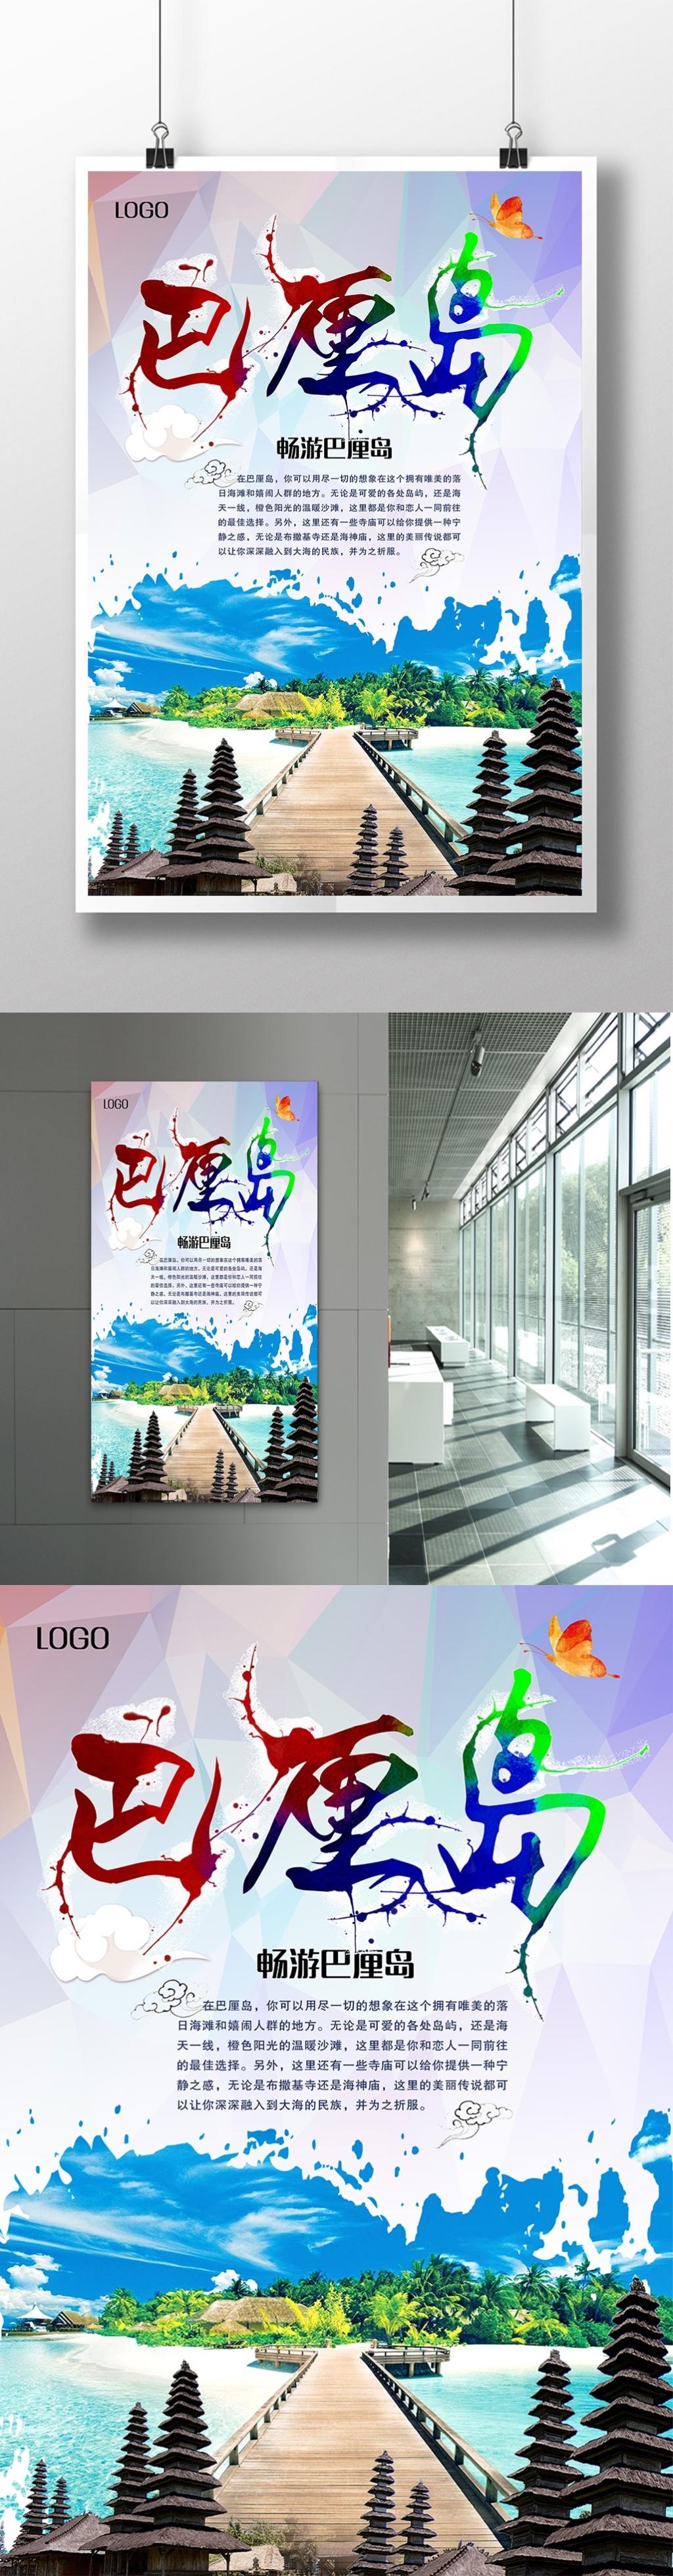 巴厘岛旅游海报展板